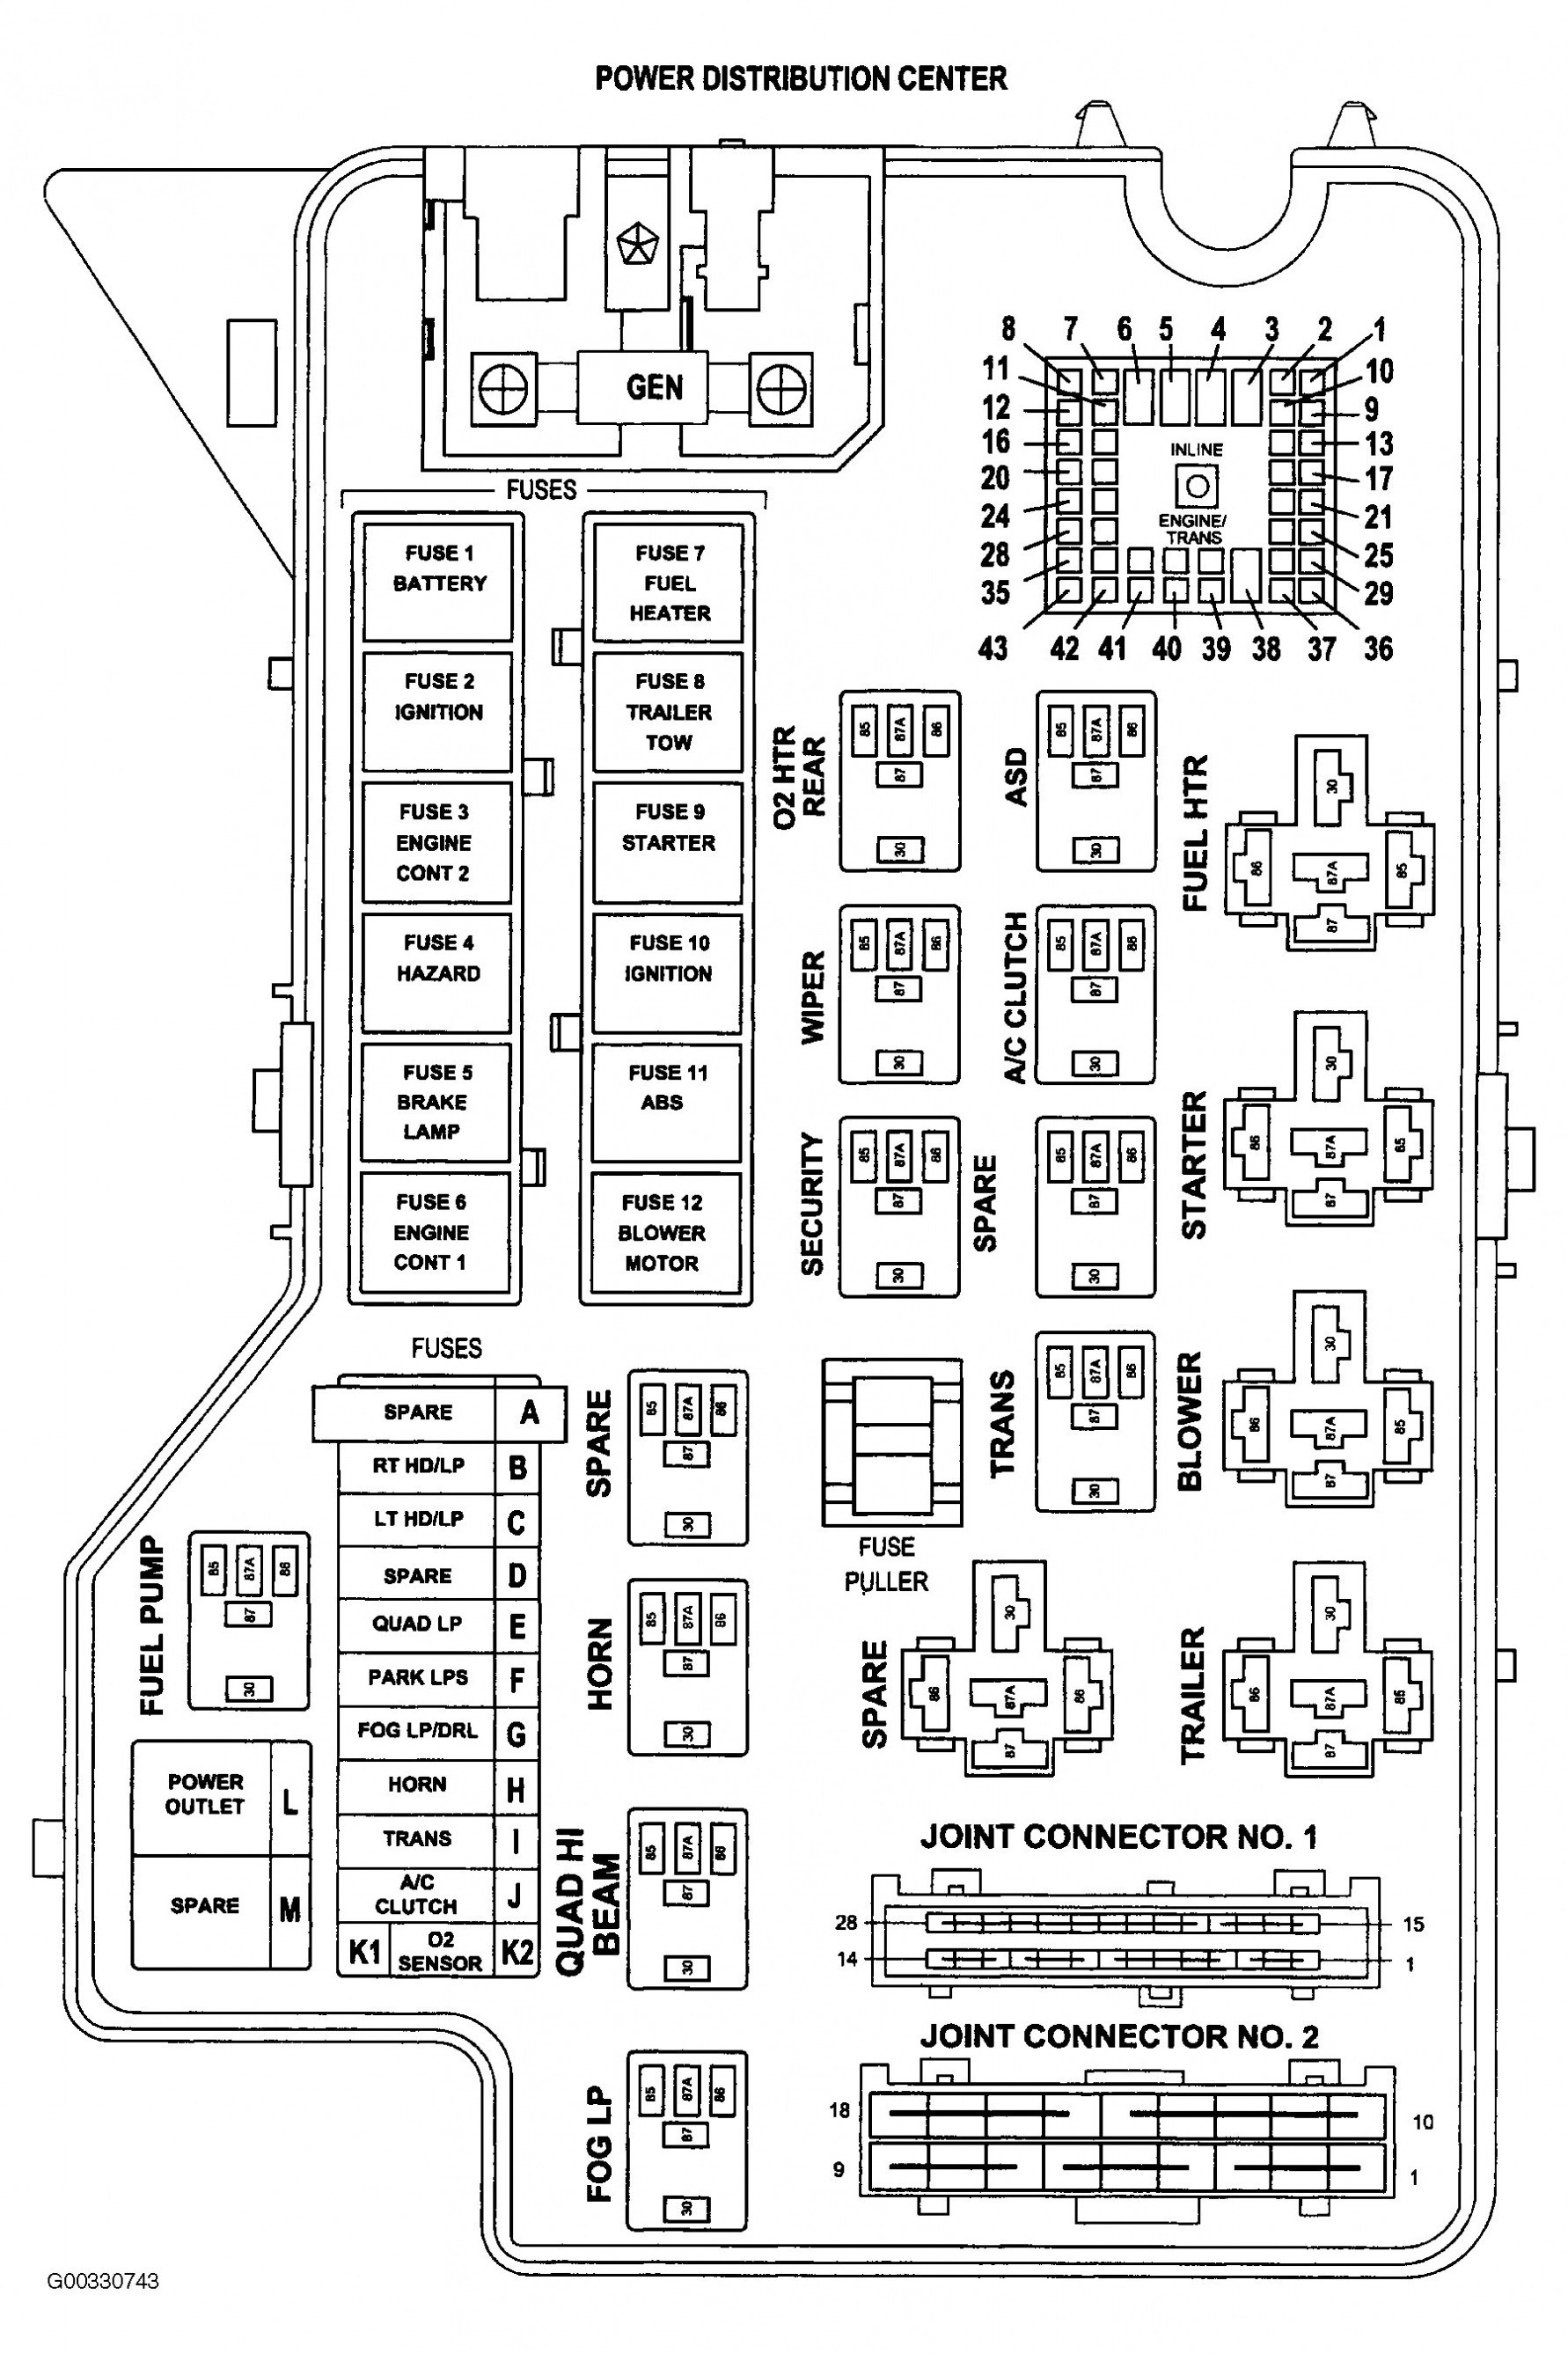 2003 dodge ram 2500 wiring diagram fe 4541  2004 dodge ram radio wiring diagram further 2003 dodge  2004 dodge ram radio wiring diagram